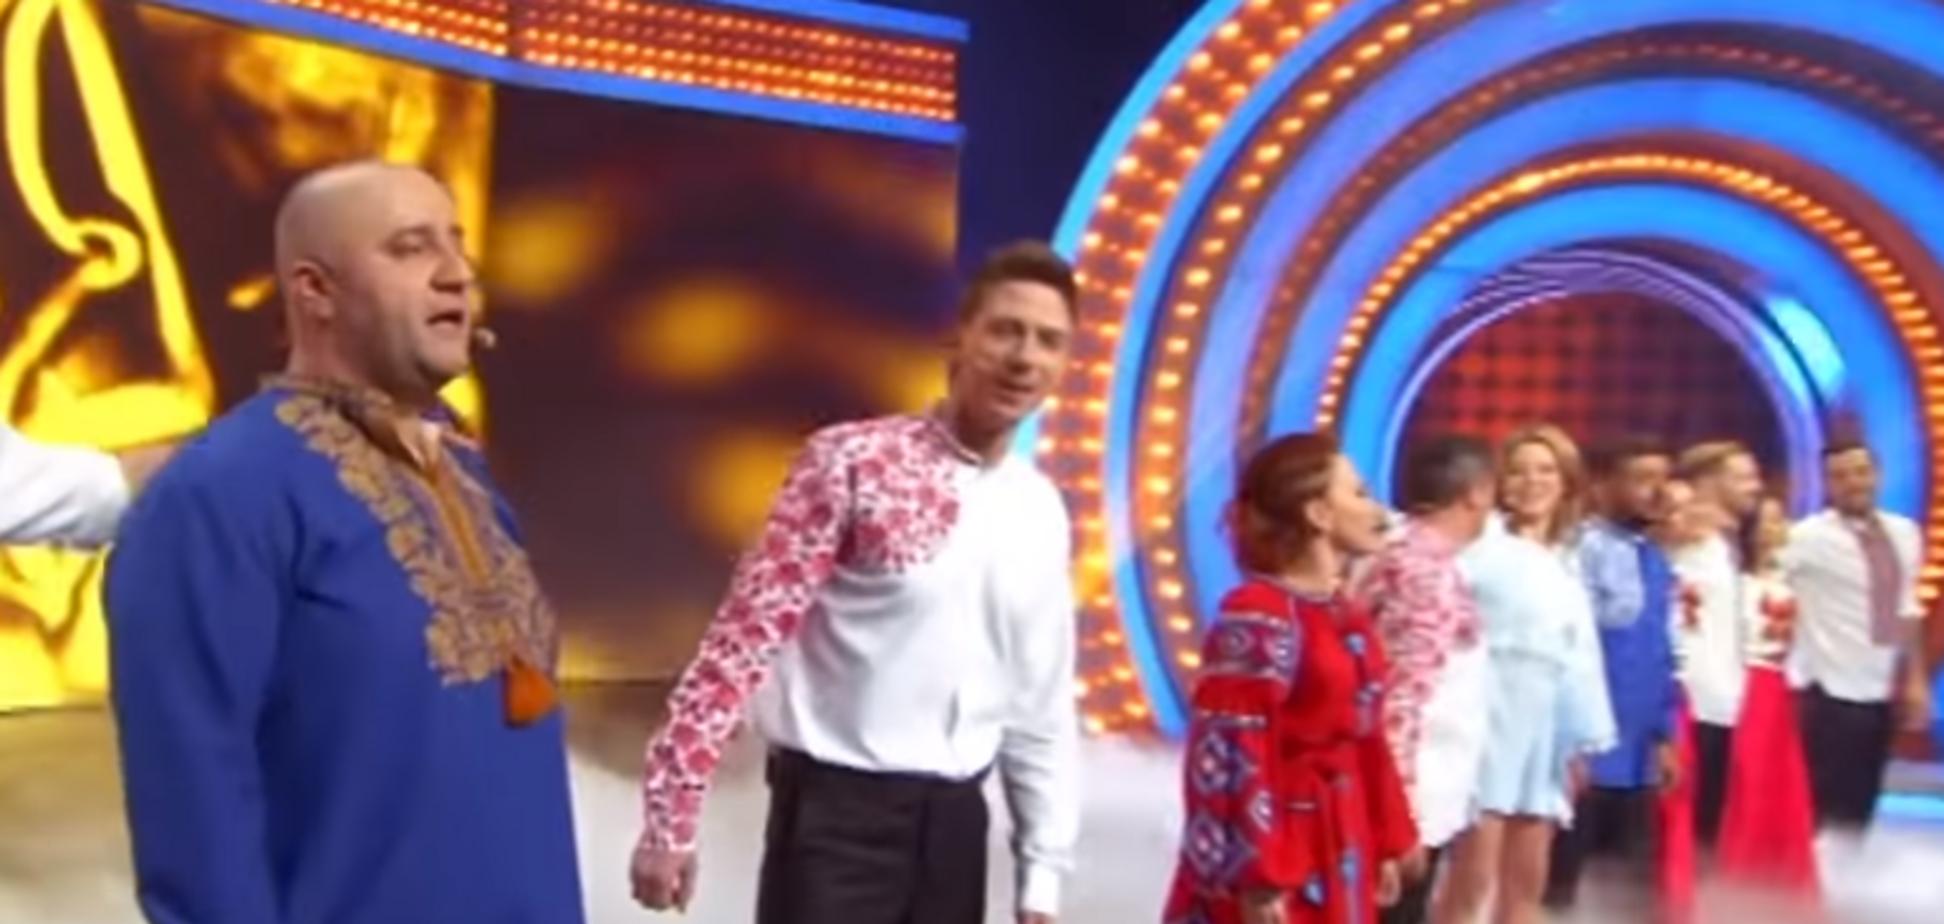 'Магія і талант!' Пісня 'Дизель шоу' про рідну країну довела до сліз українців